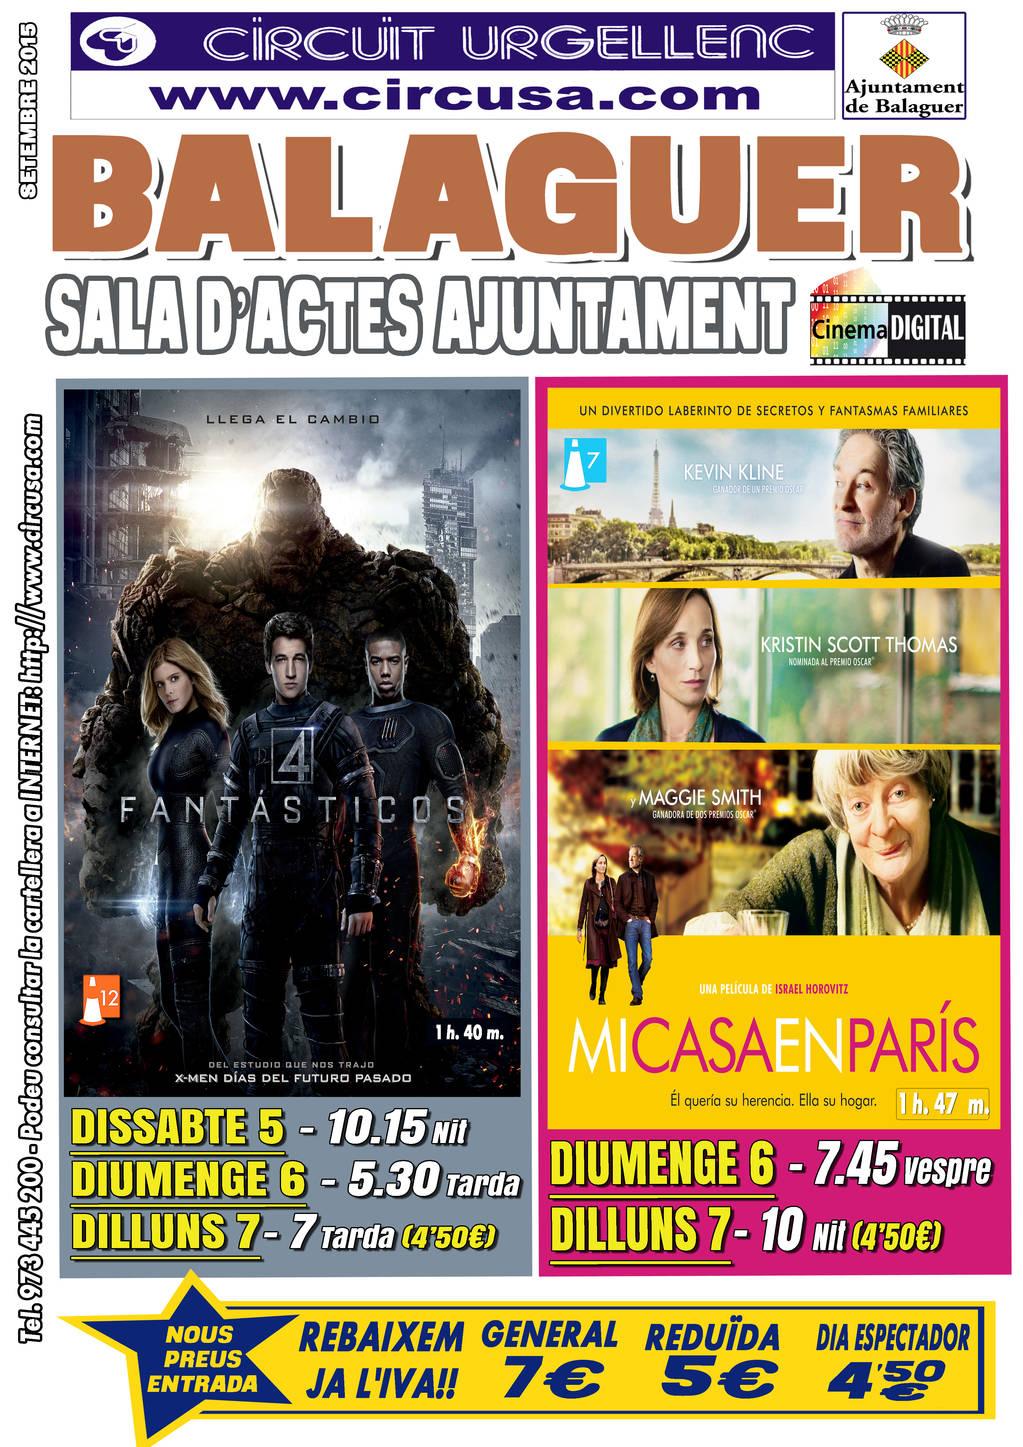 CINEMA SETEMBRE 5, 6, 7 - MI CASA EN PARÍS - LOS CUATRO FANTÁSTICOS